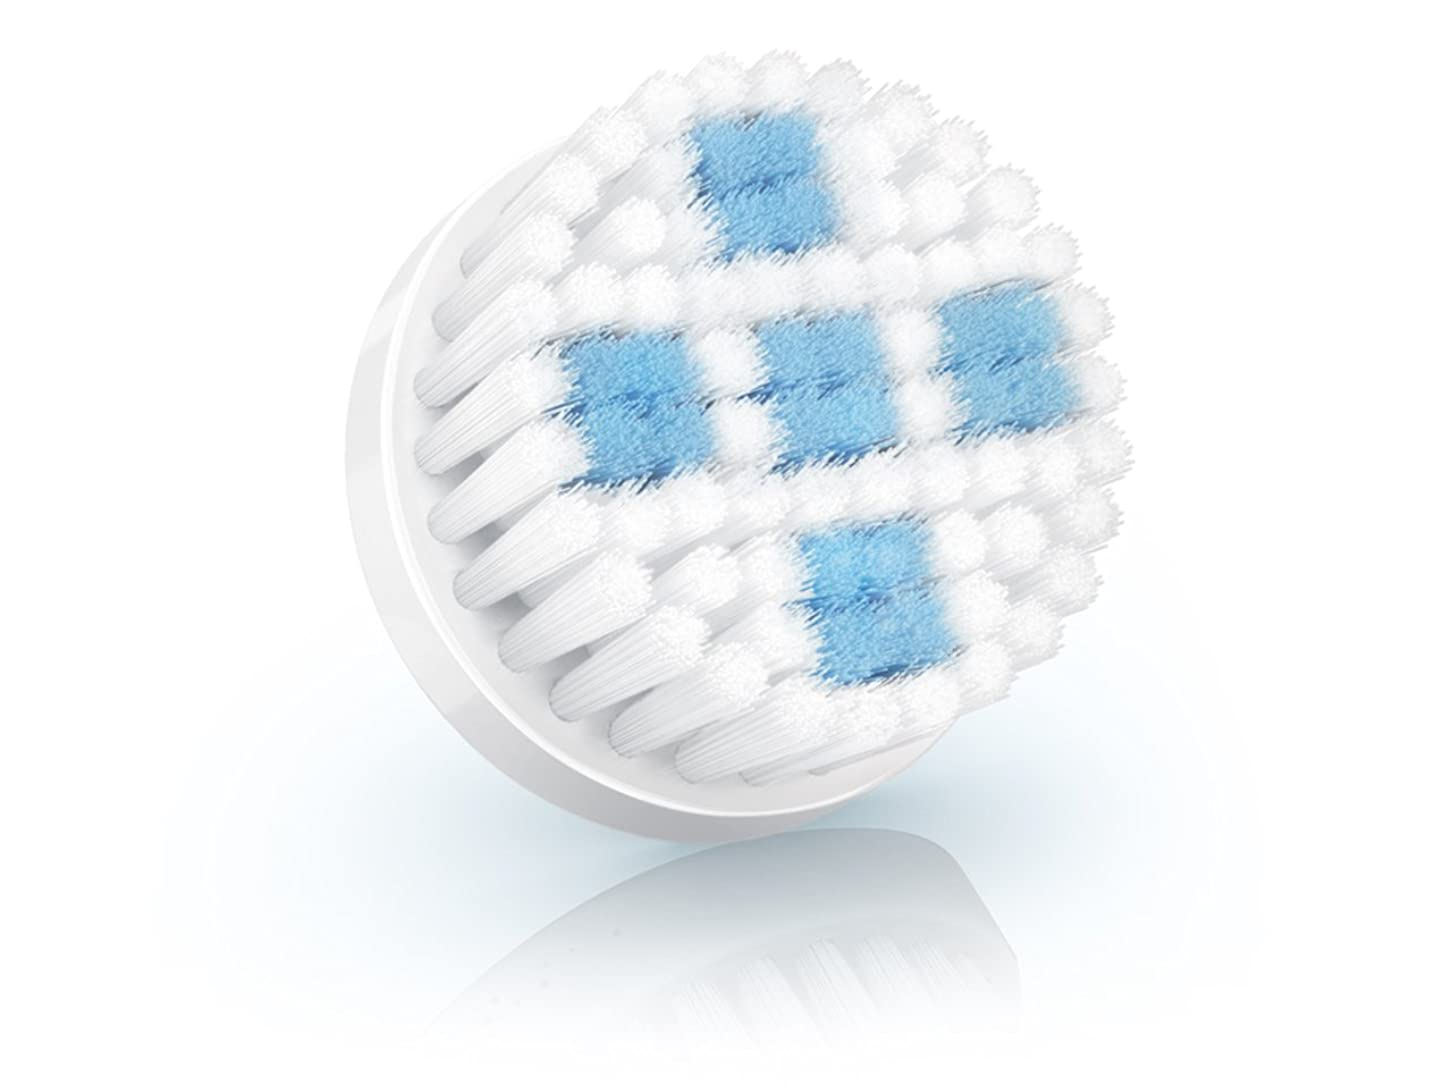 免疫湖ほとんどの場合フィリップス 洗顔ブラシ ビザピュア 【毛穴のケア用】ディープクレンジングブブラシ SC5996